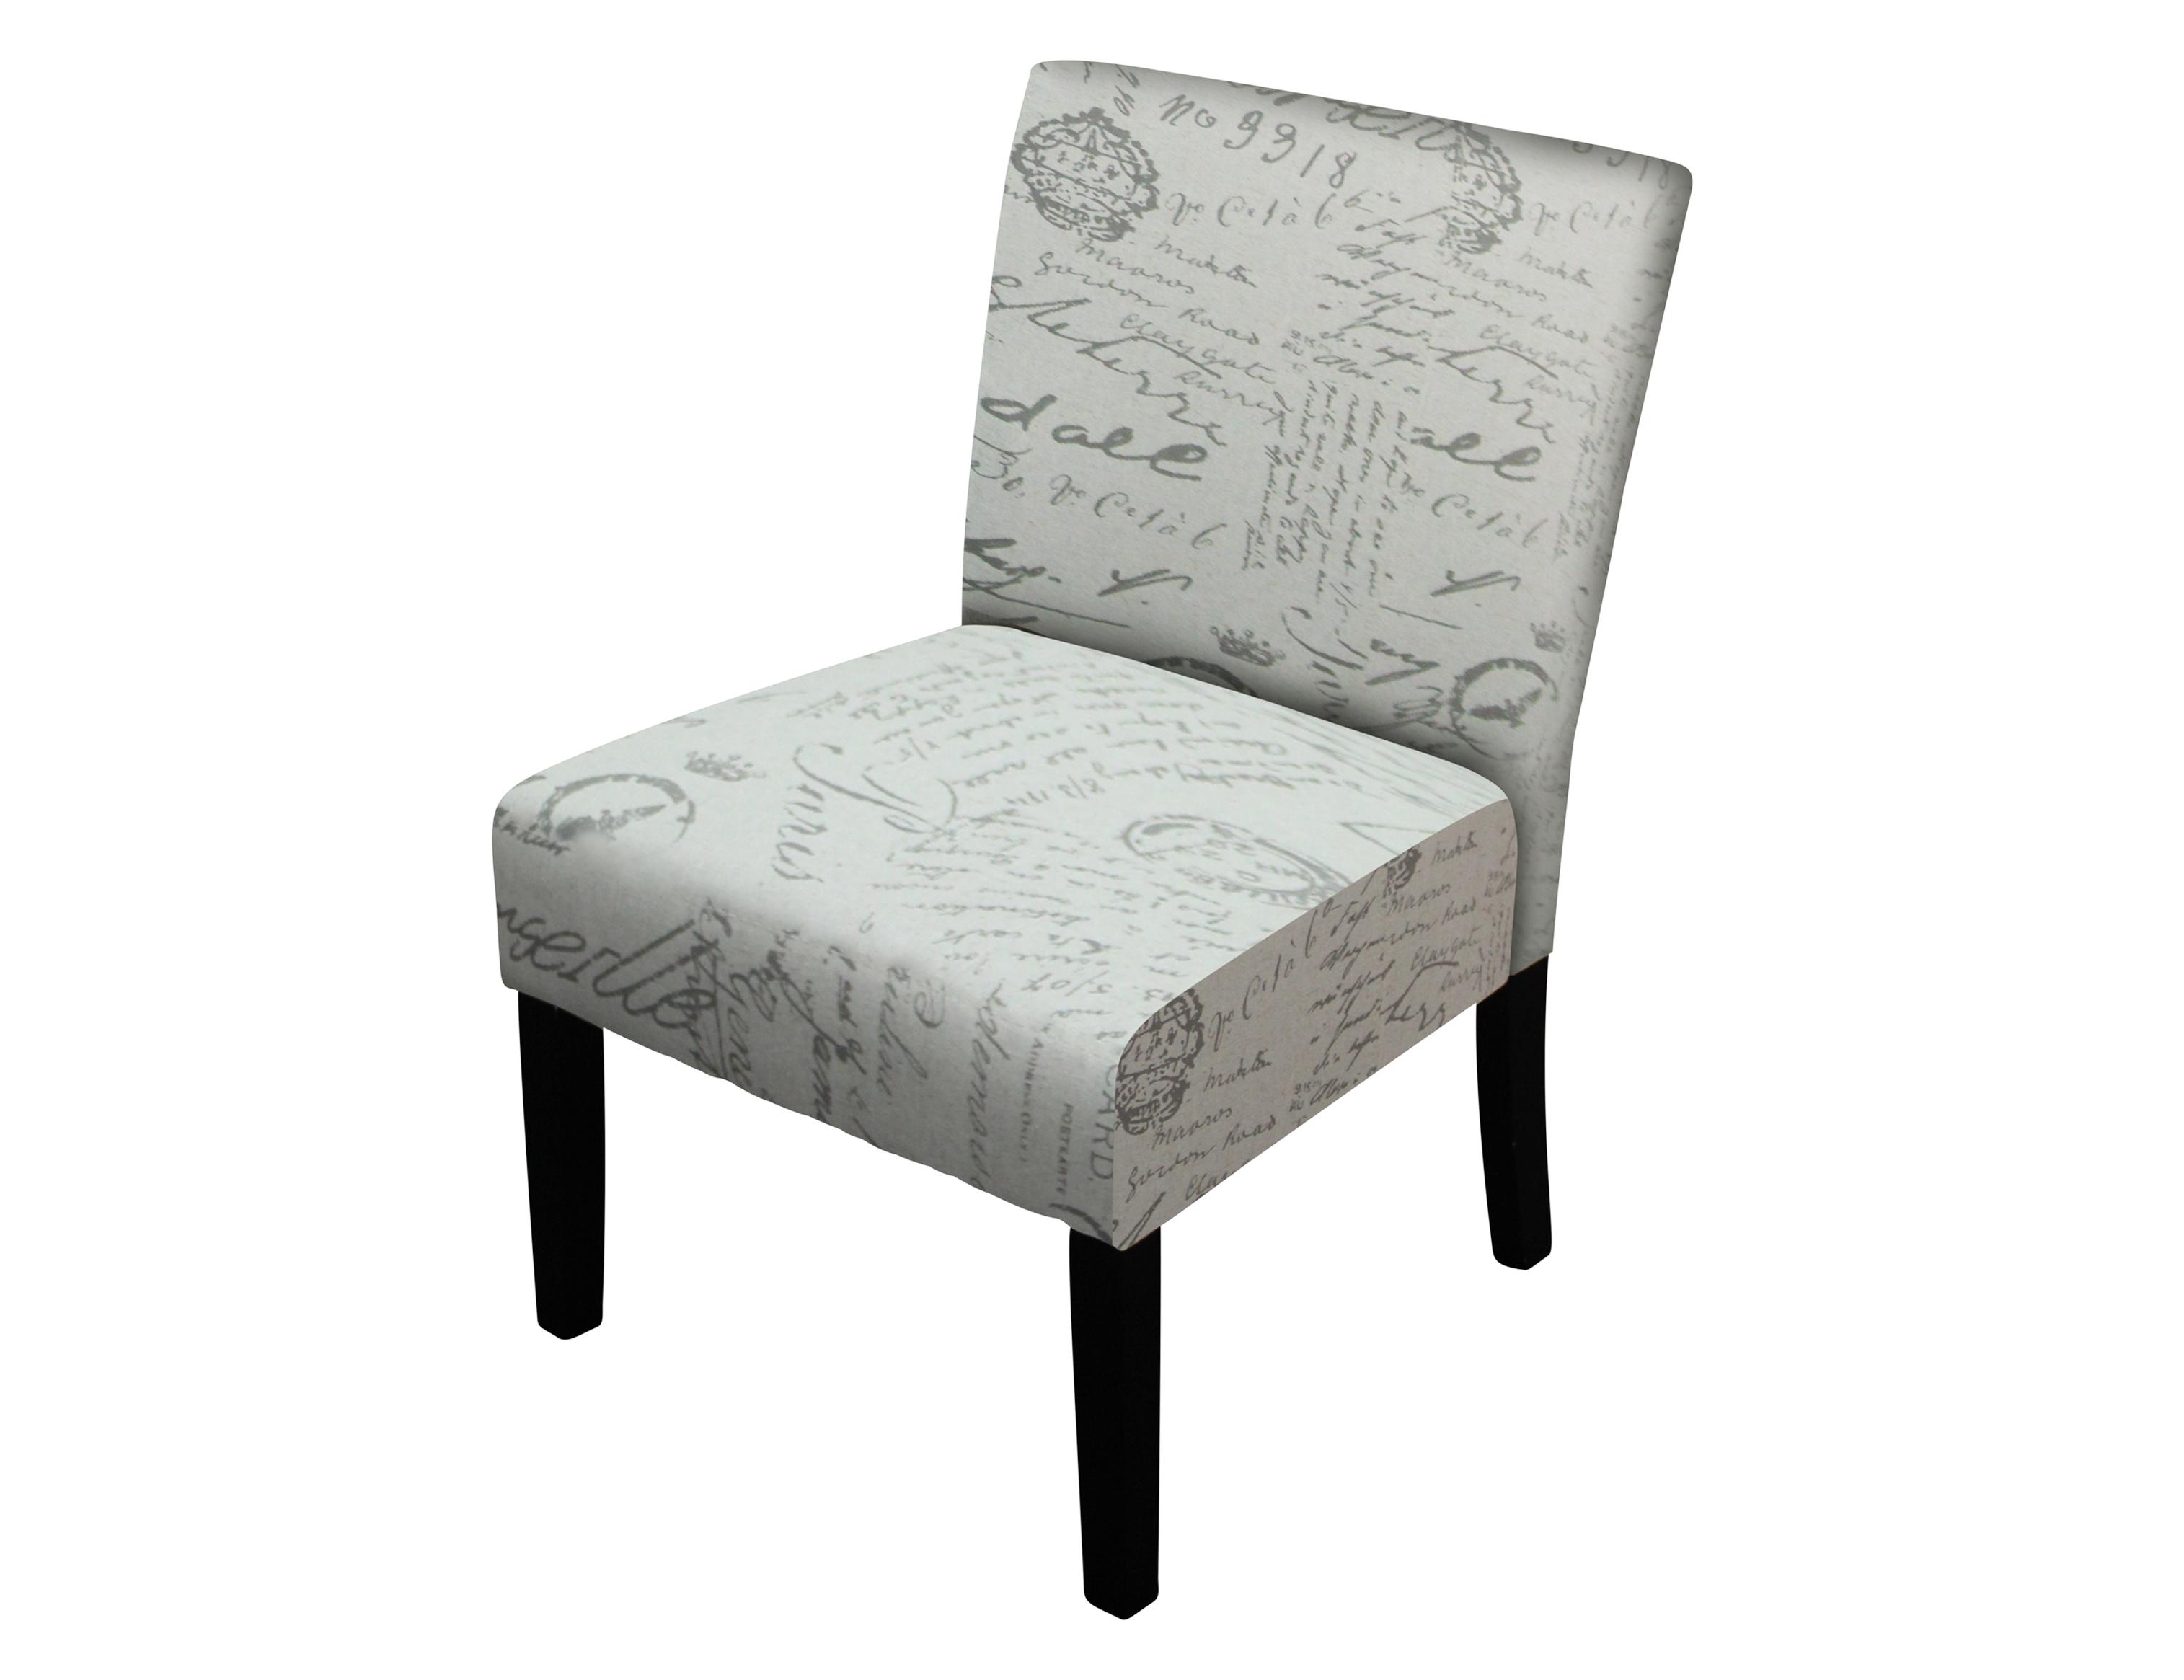 Albany Chair Dark Brown leg L0007 3 fabric – Berton Furniture